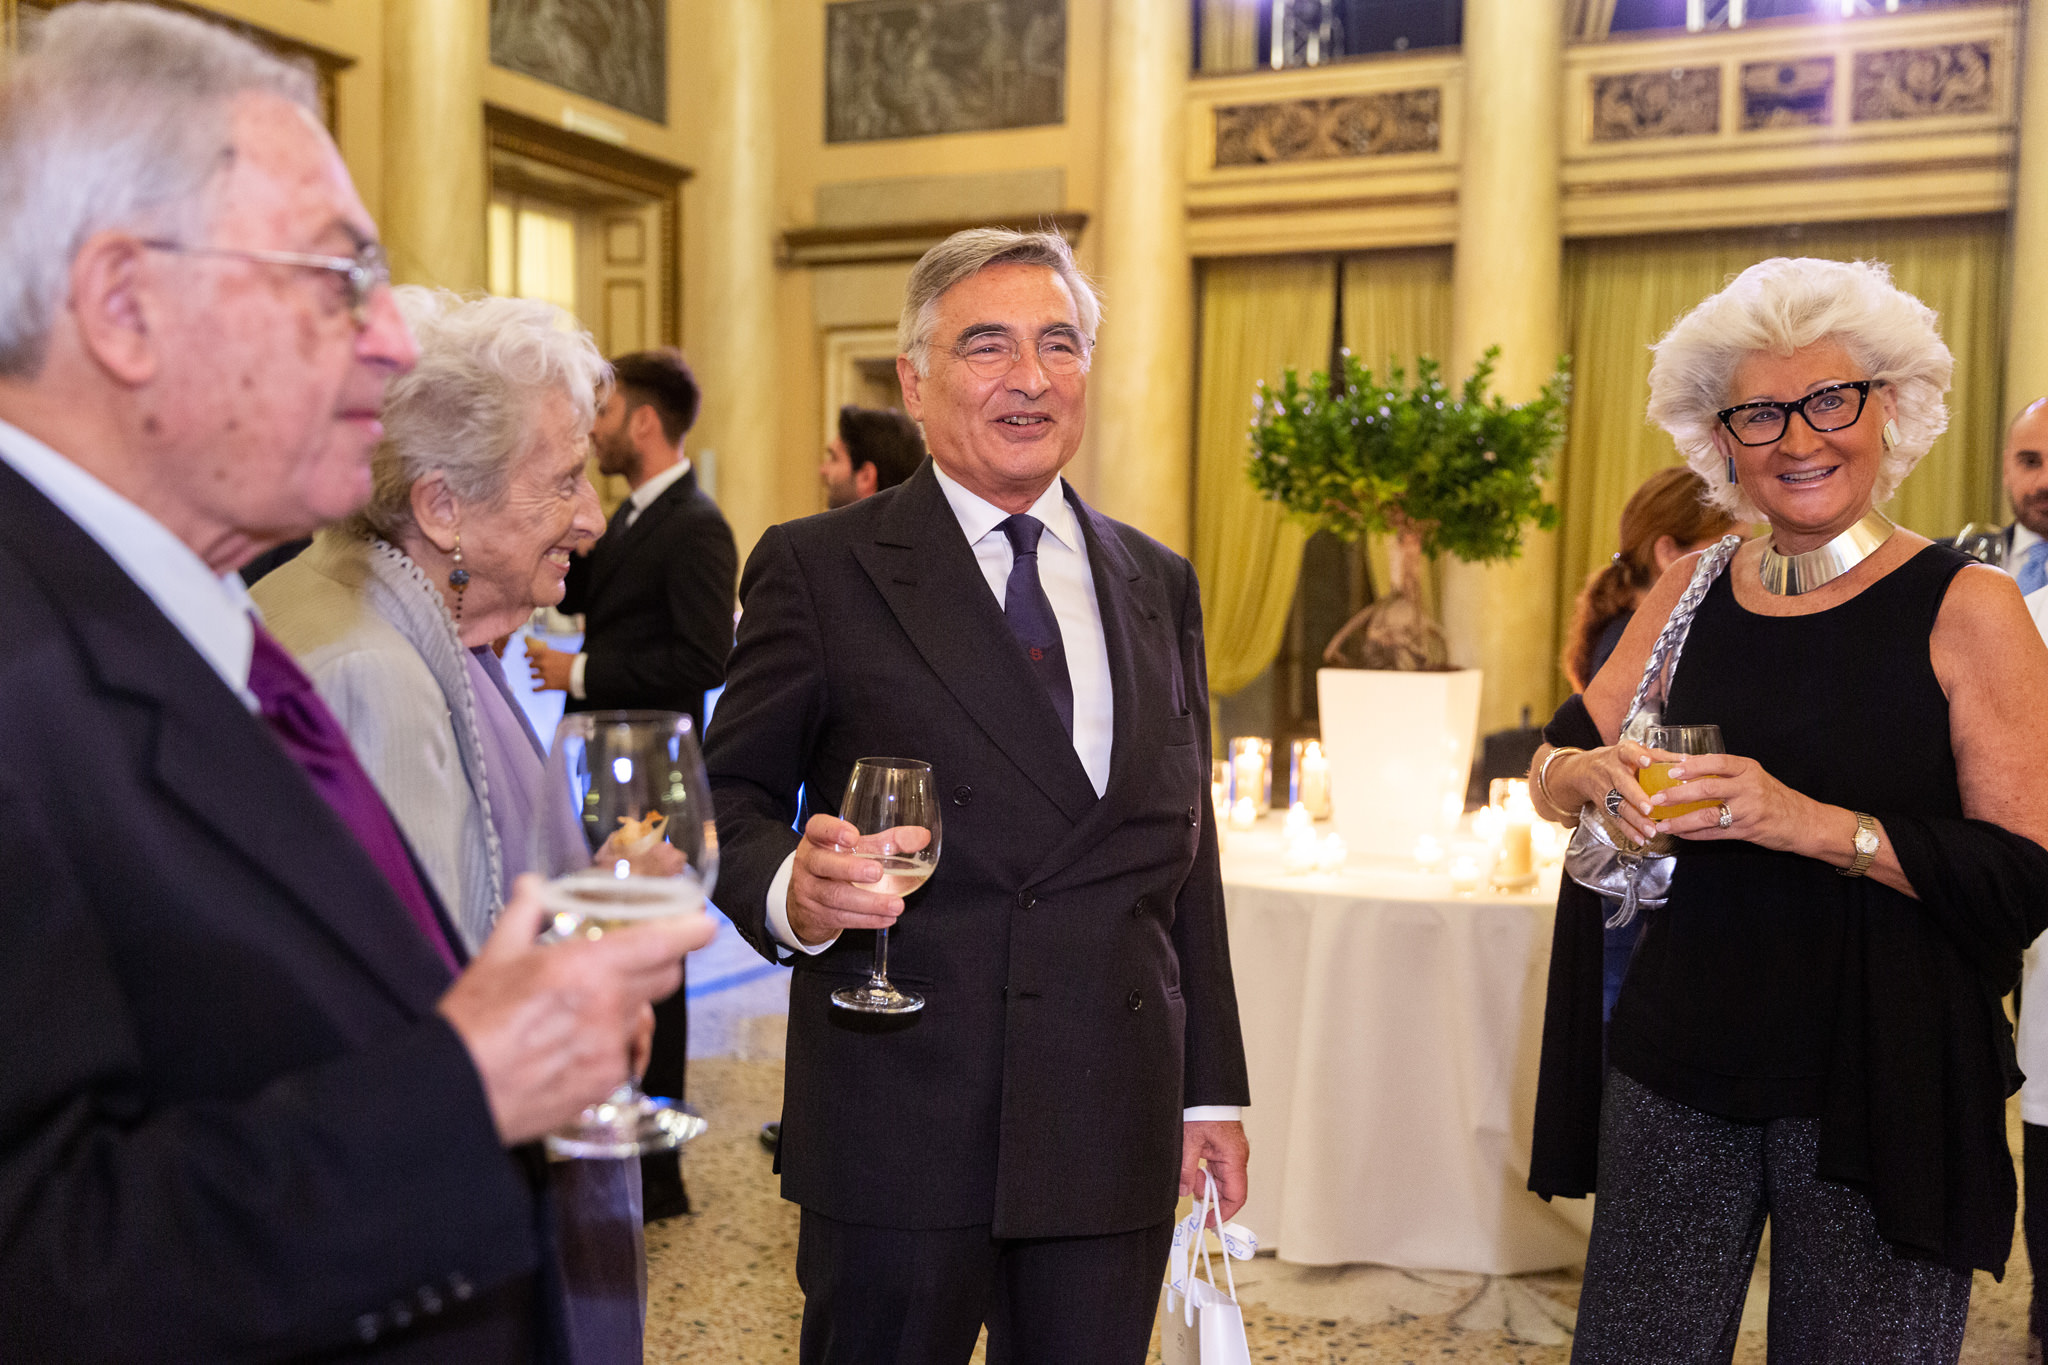 L'avvocato Enrico Raffaelli beve un bicchiere insieme ai colleghi all'interno della splendida sala della Società del Giardino